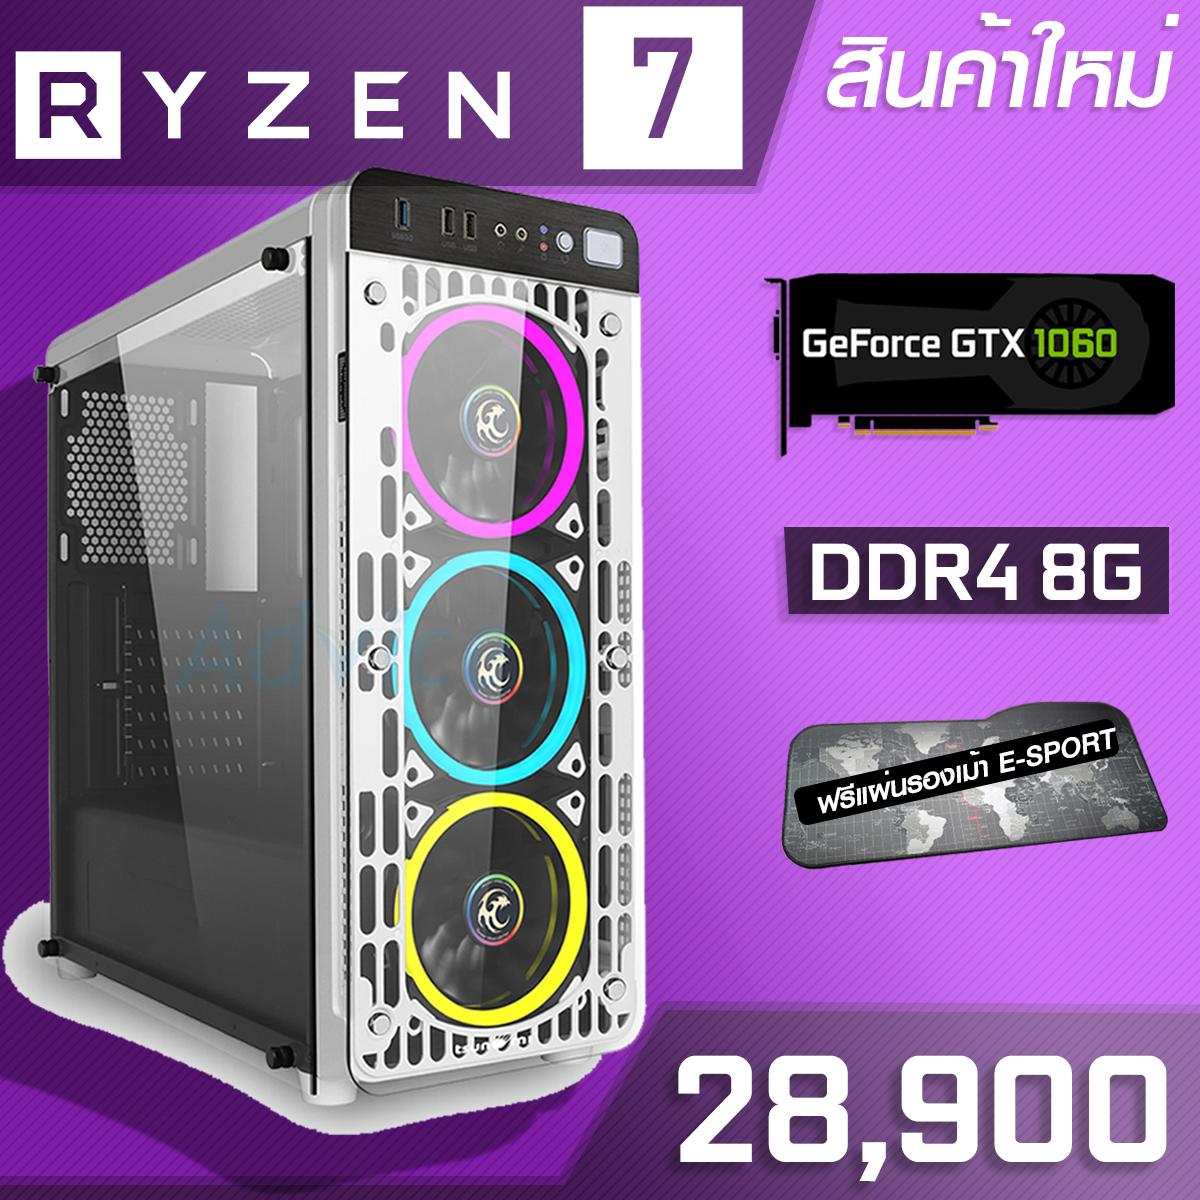 AMD RYZEN 7 1700X | GTX1060 6G | DDR4 BUS 2400 8G | 1TB 7200RPM